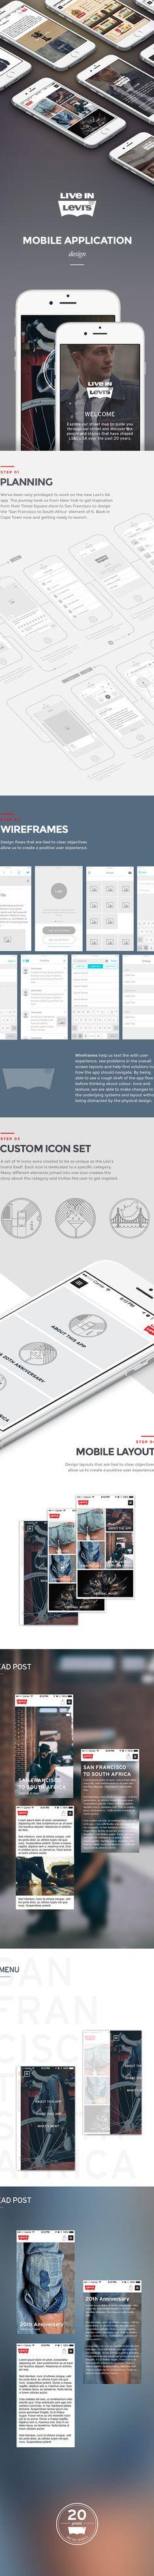 https://www.behance.net/gallery/17575915/Levis-Mobile-App